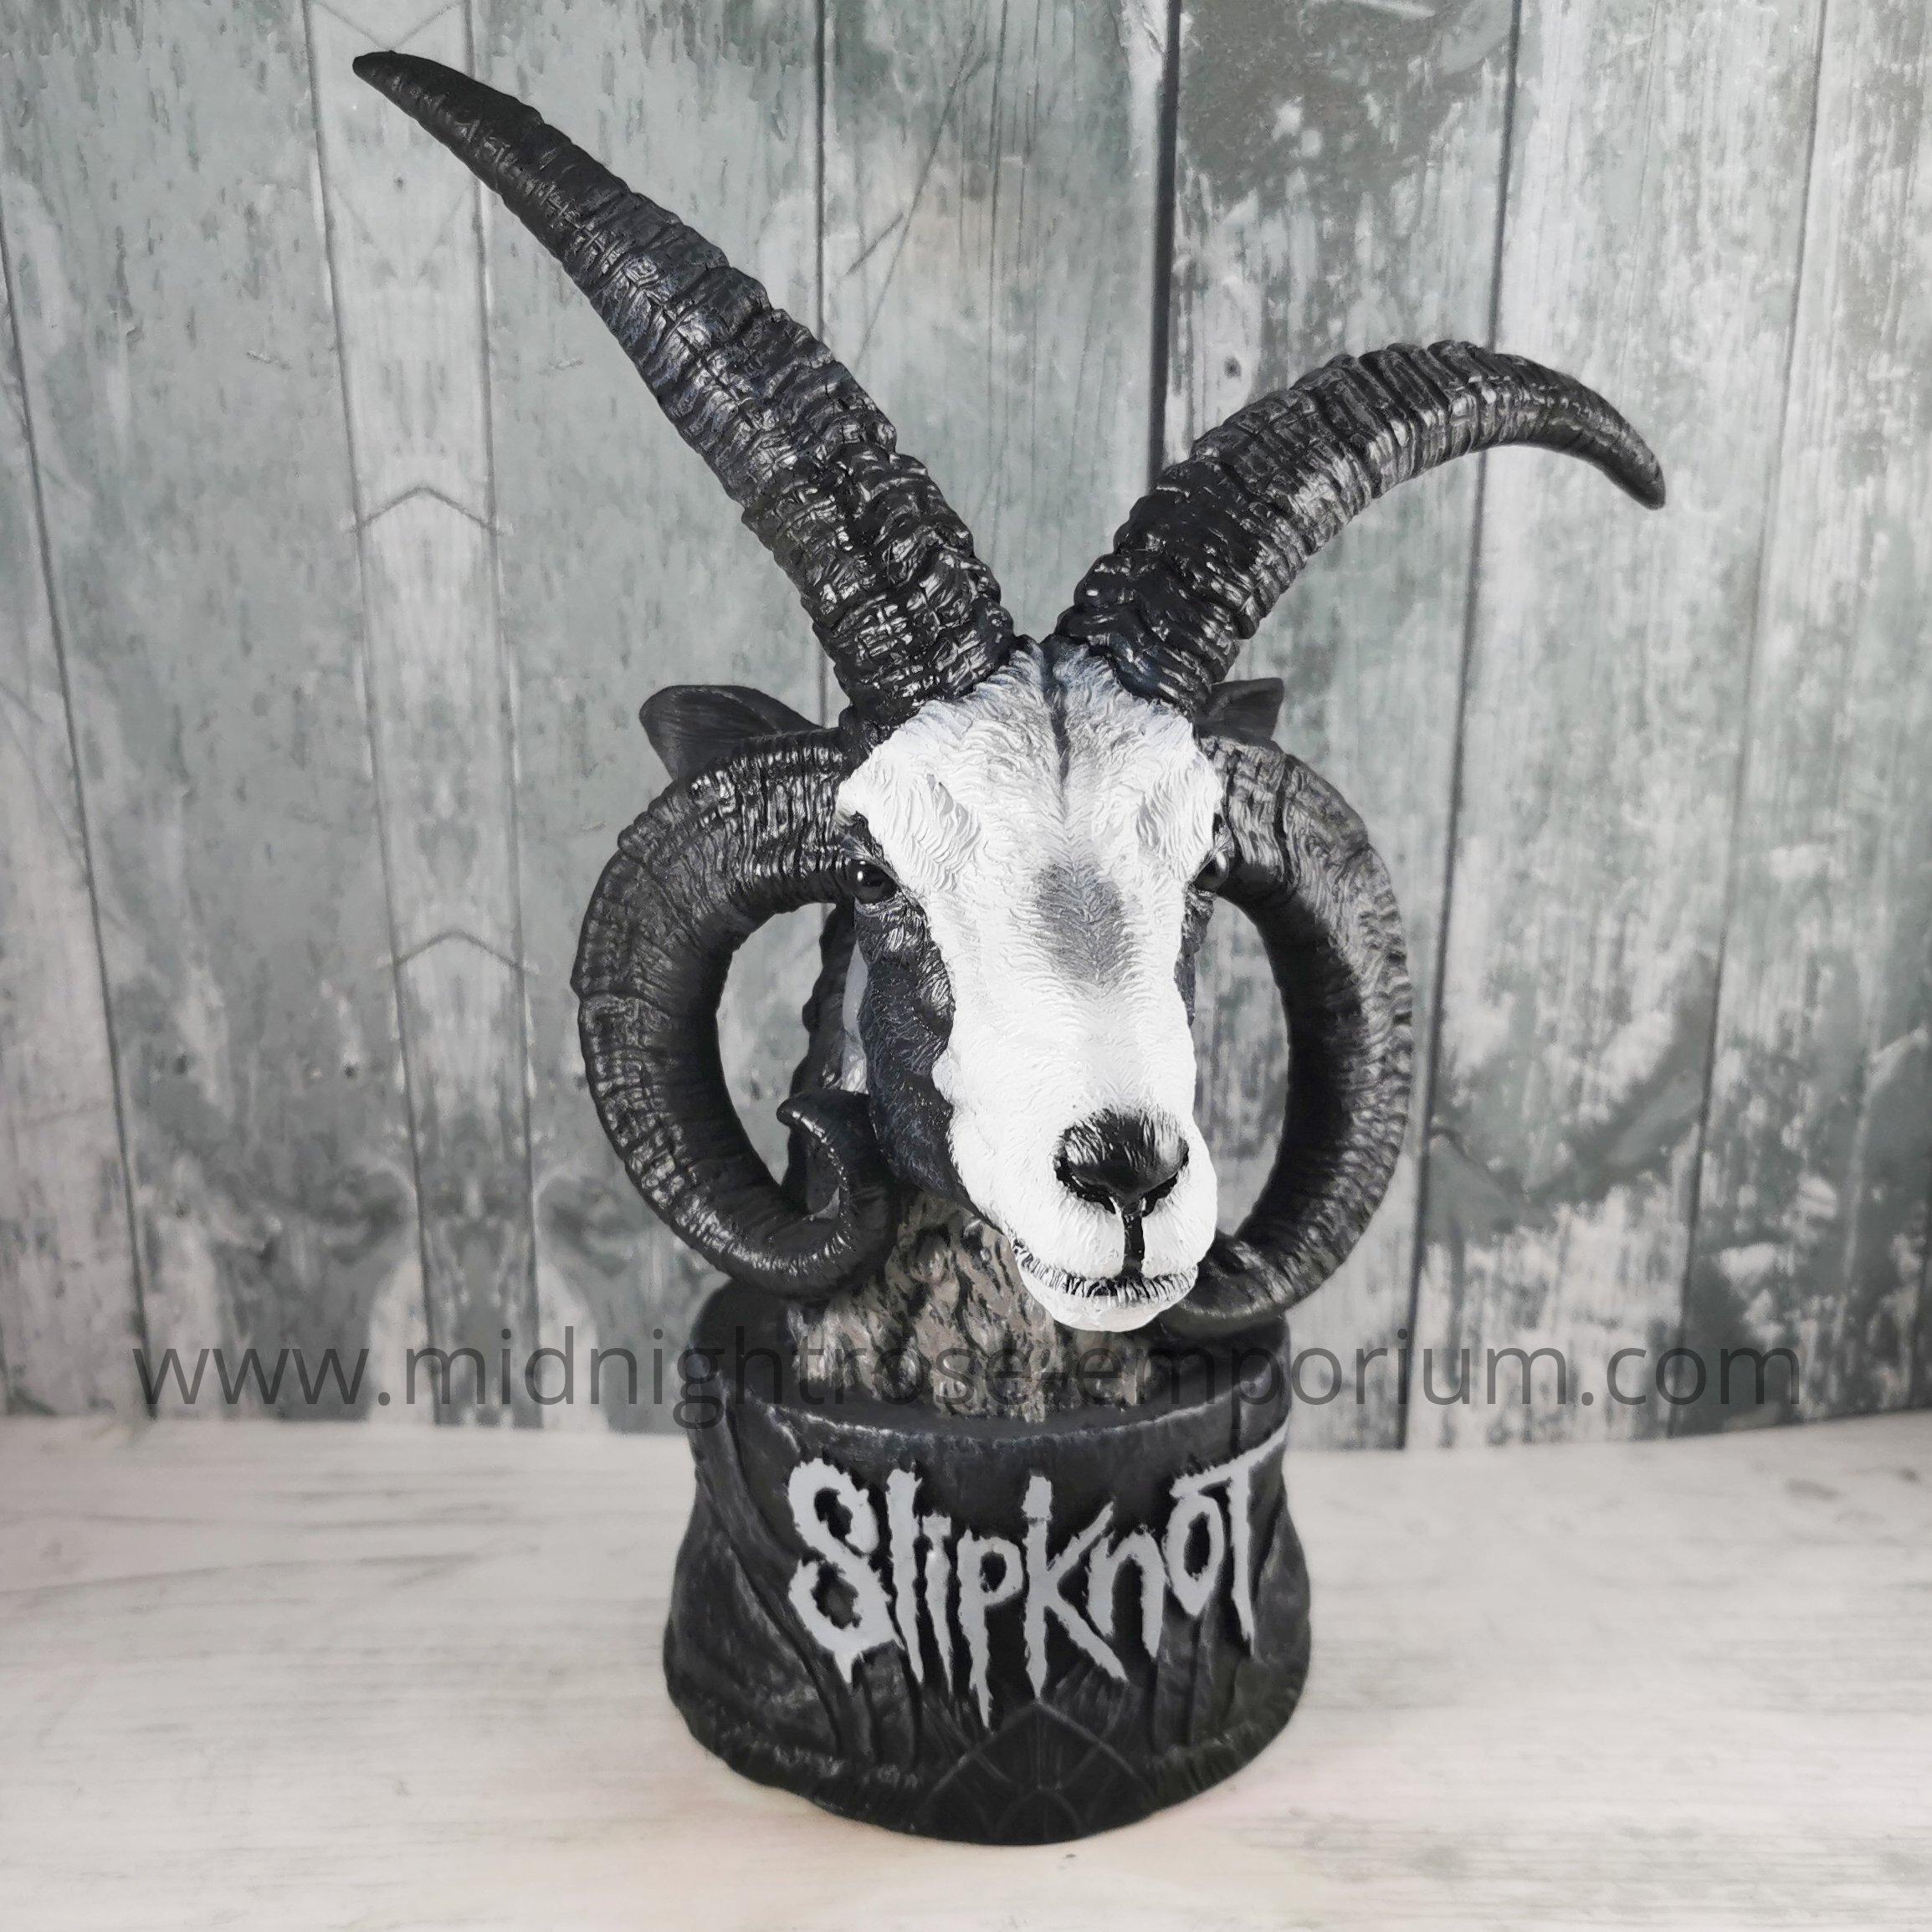 Slipknot Goat Figurine - Officially Licensed Merch